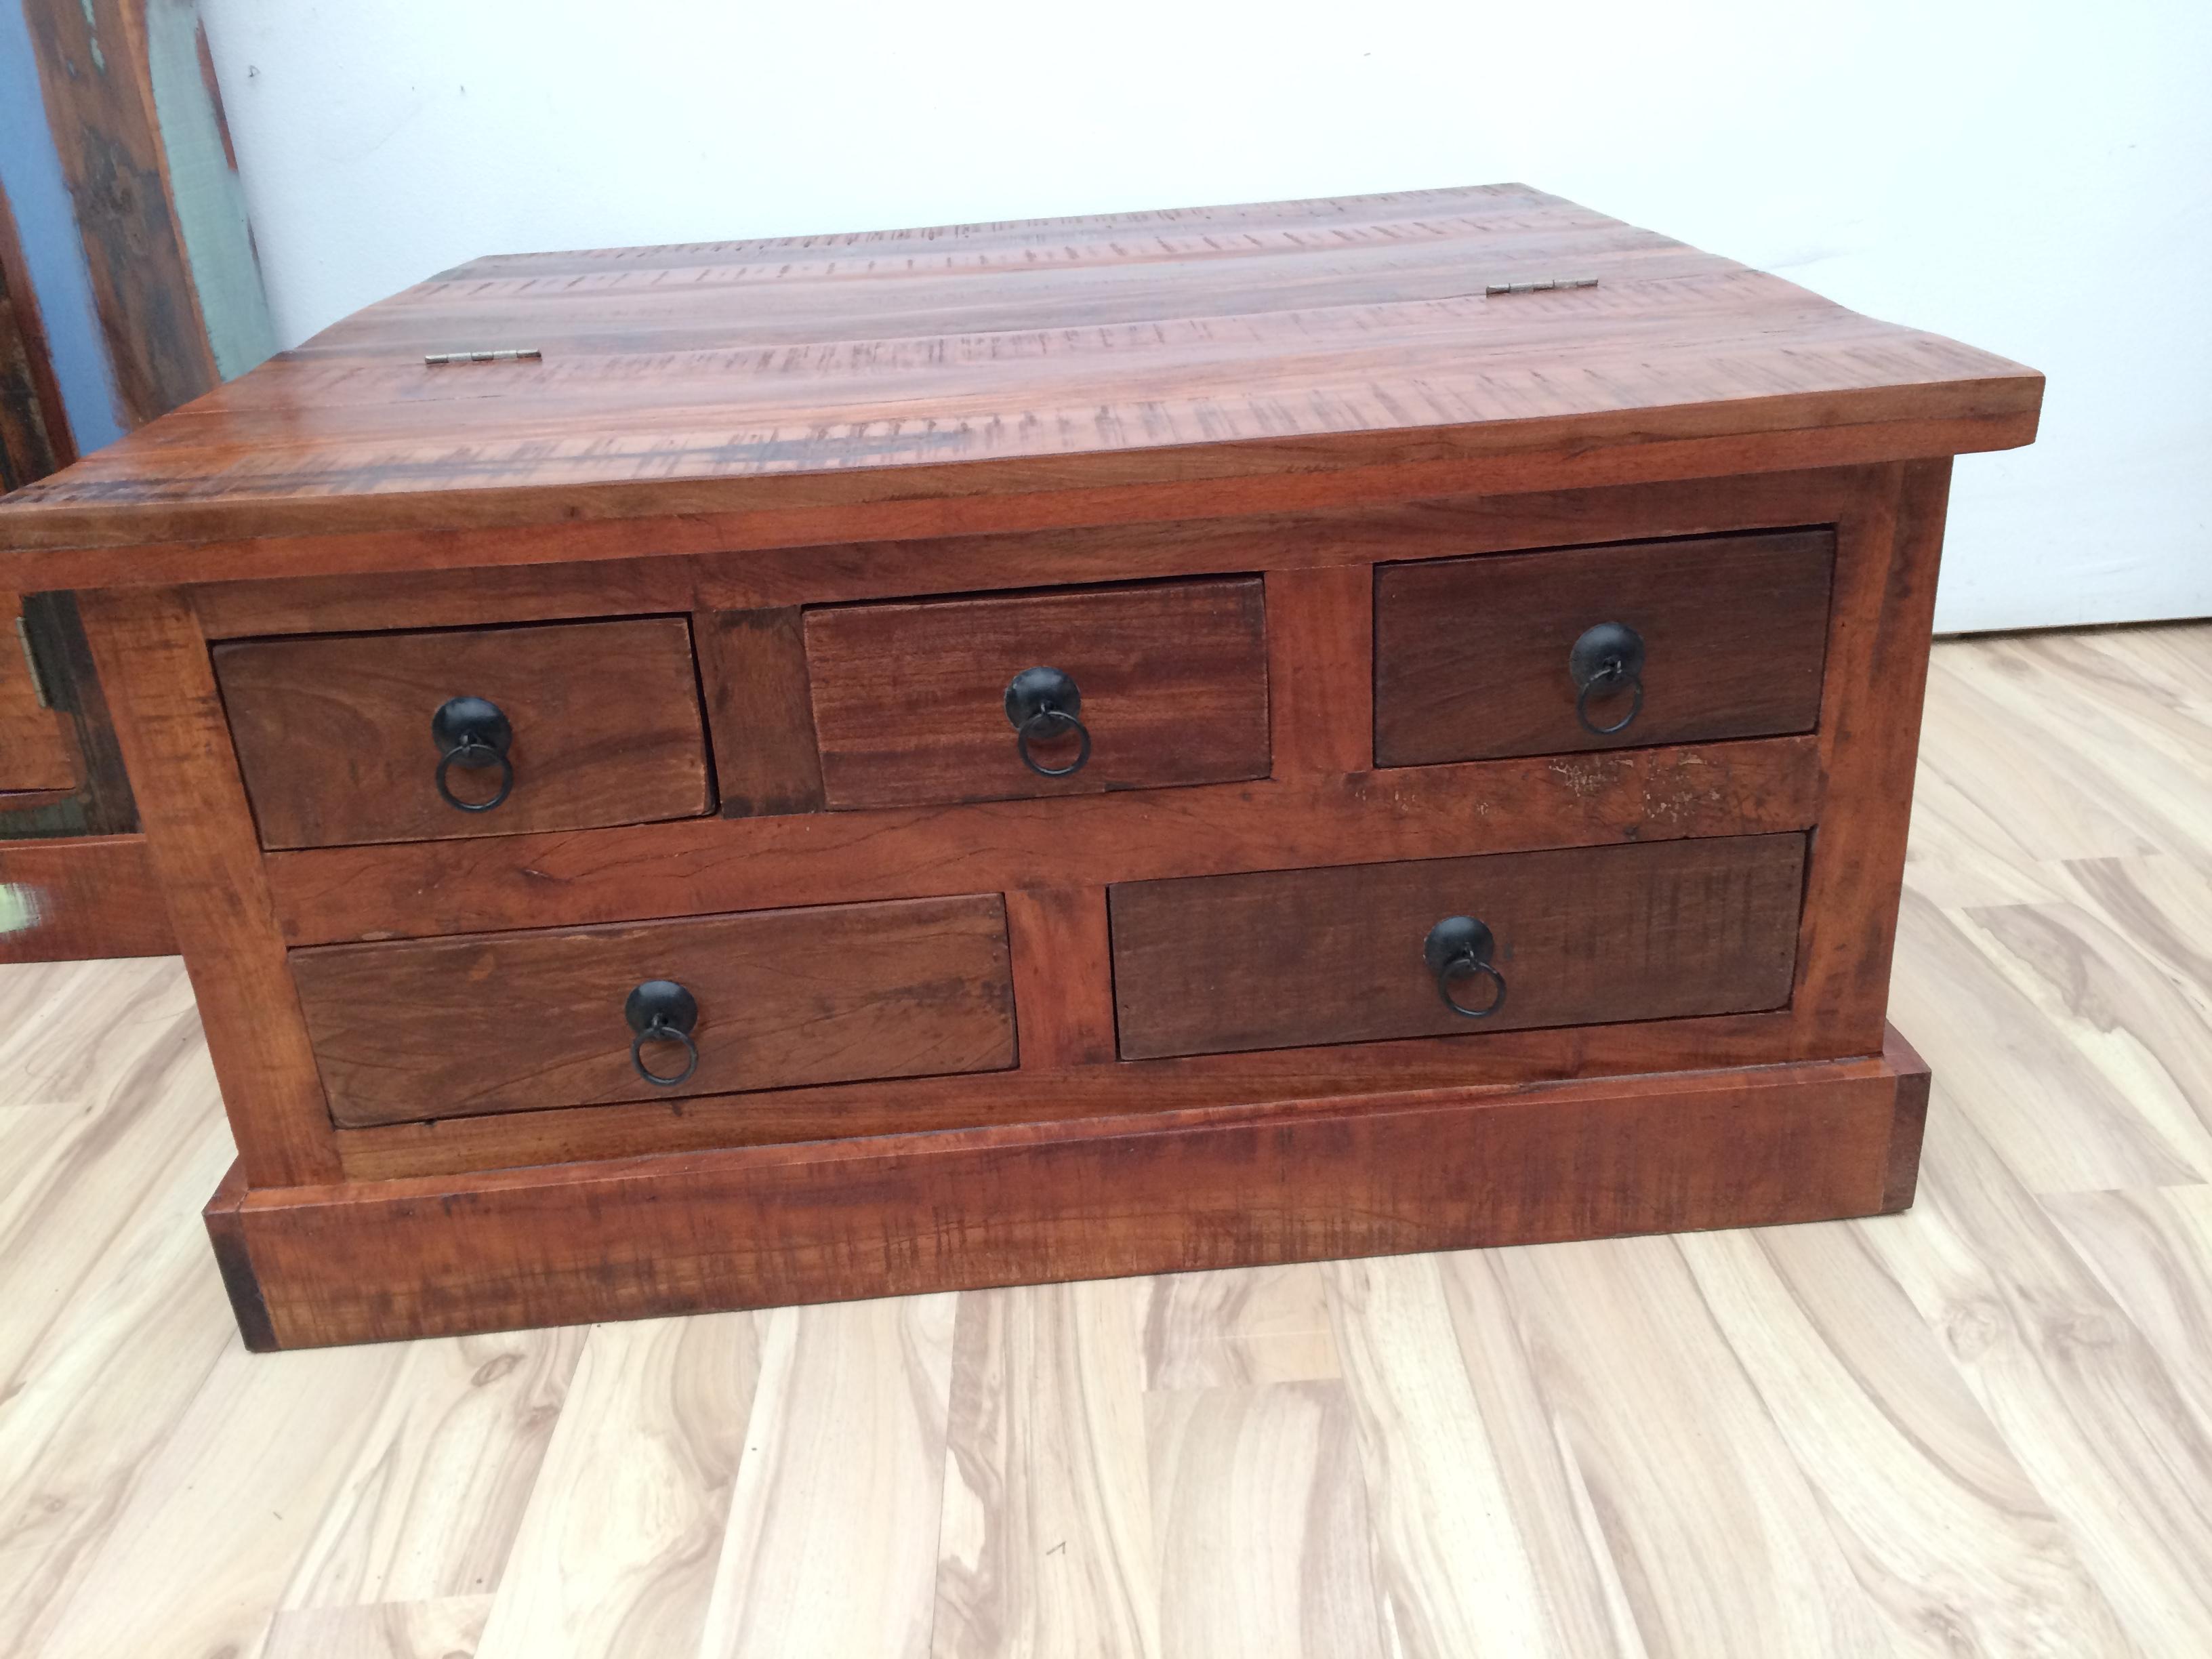 couchtisch tisch truhe westghats altholz neu couchtische tische m bel peters. Black Bedroom Furniture Sets. Home Design Ideas